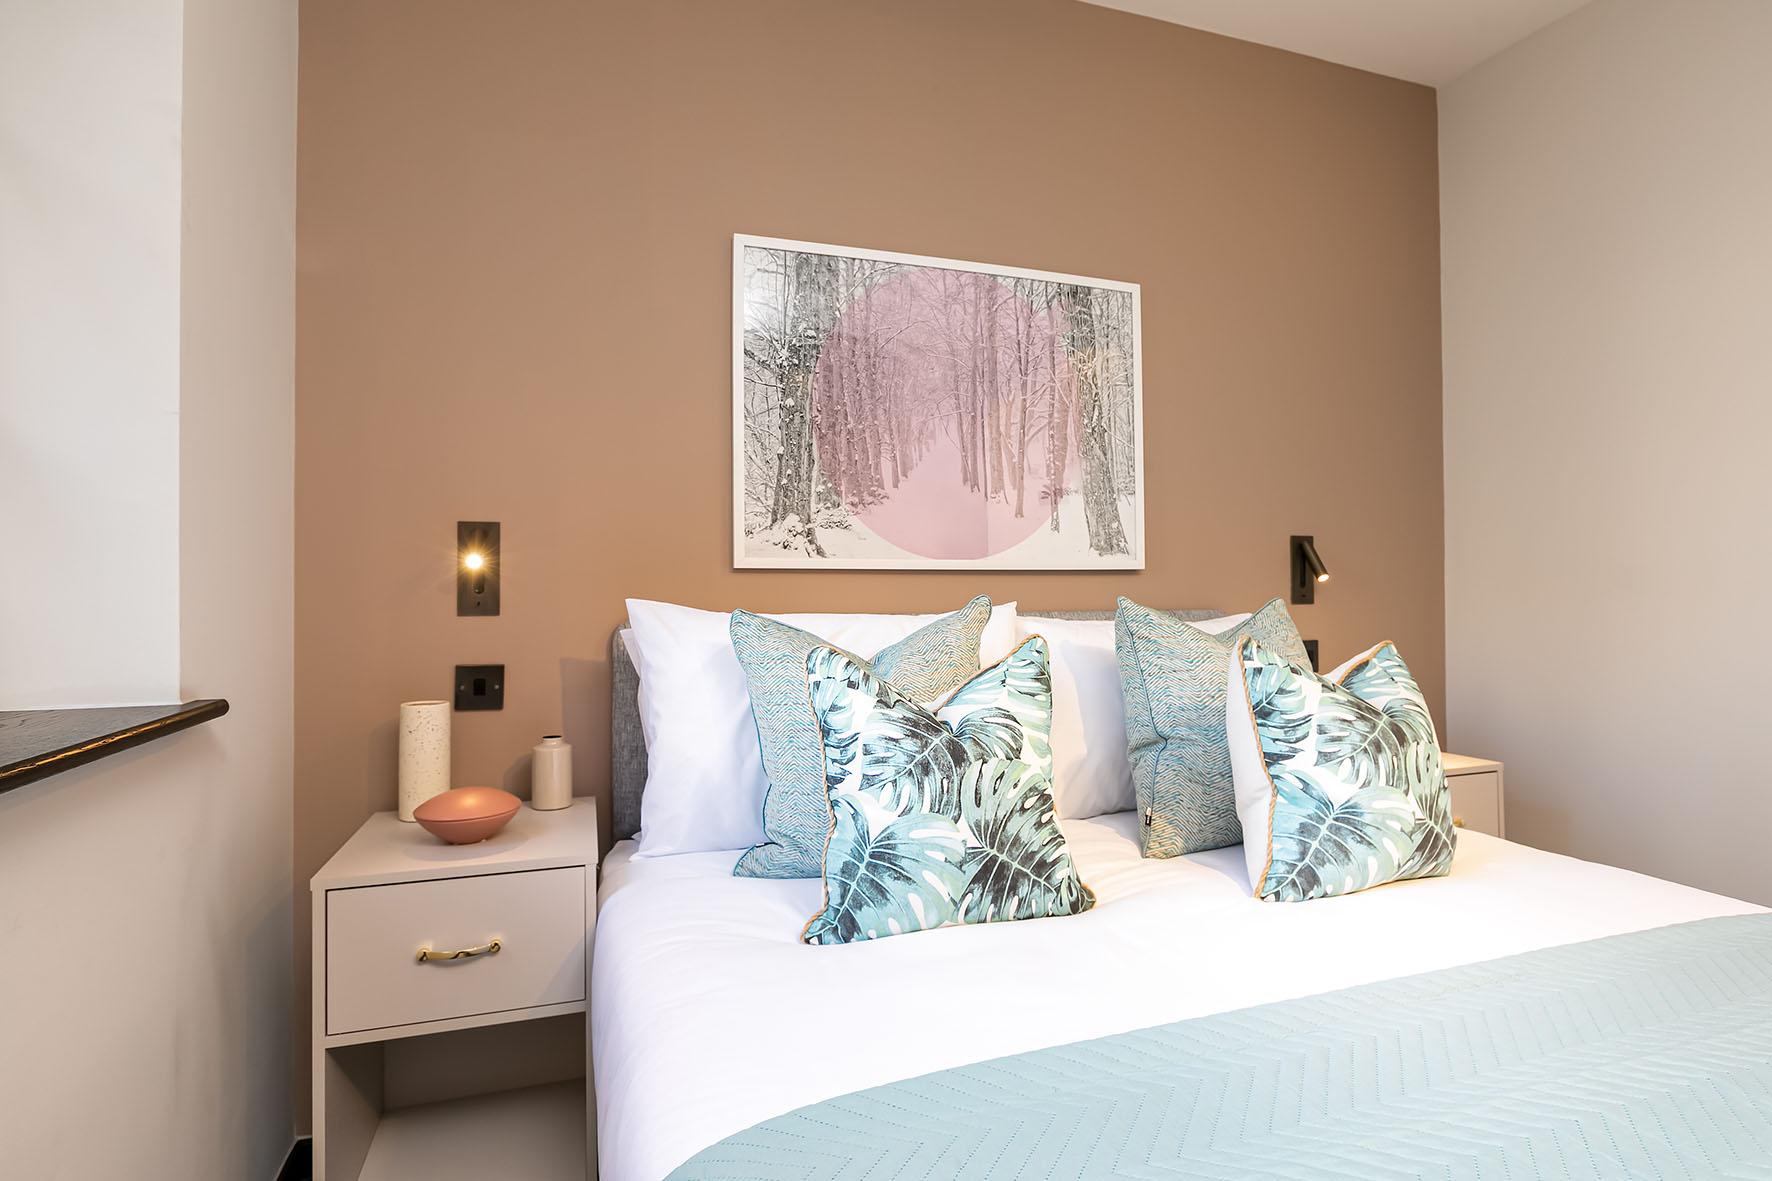 Lovelydays luxury service apartment rental - London - Soho - Oxford Street V - Lovelysuite - 1 bedrooms - 1 bathrooms - Queen bed - c89aa50d5312 - Lovelydays